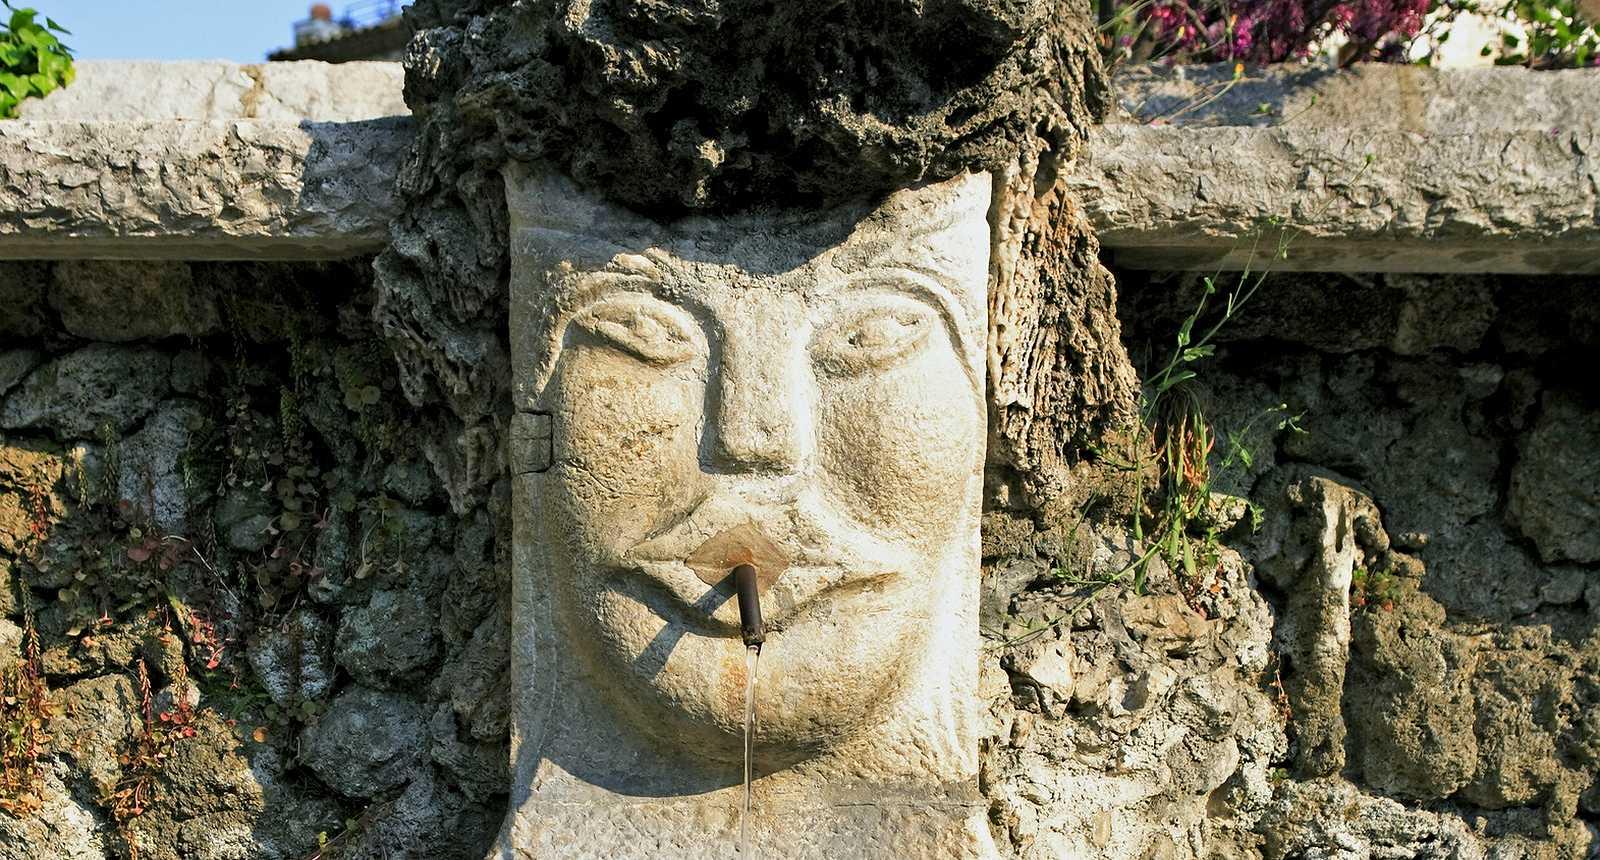 Sculpture à Saint-Paul-de-Vence